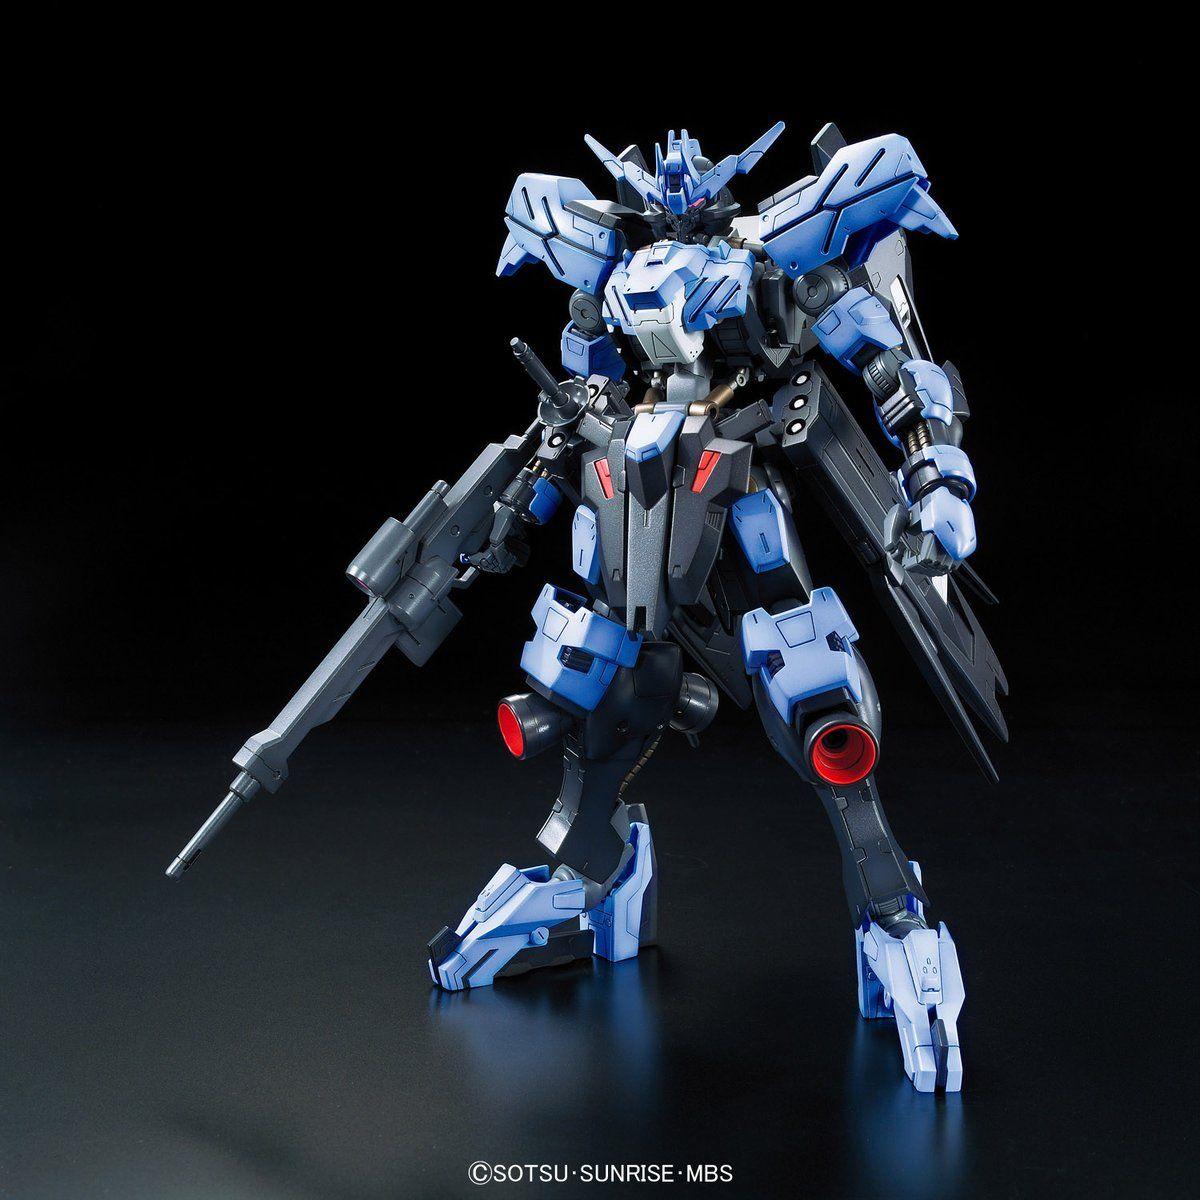 フルメカニクス 1/100 ASW-G-XX ガンダムヴィダール [Gundam Vidar] 0212195 5056826